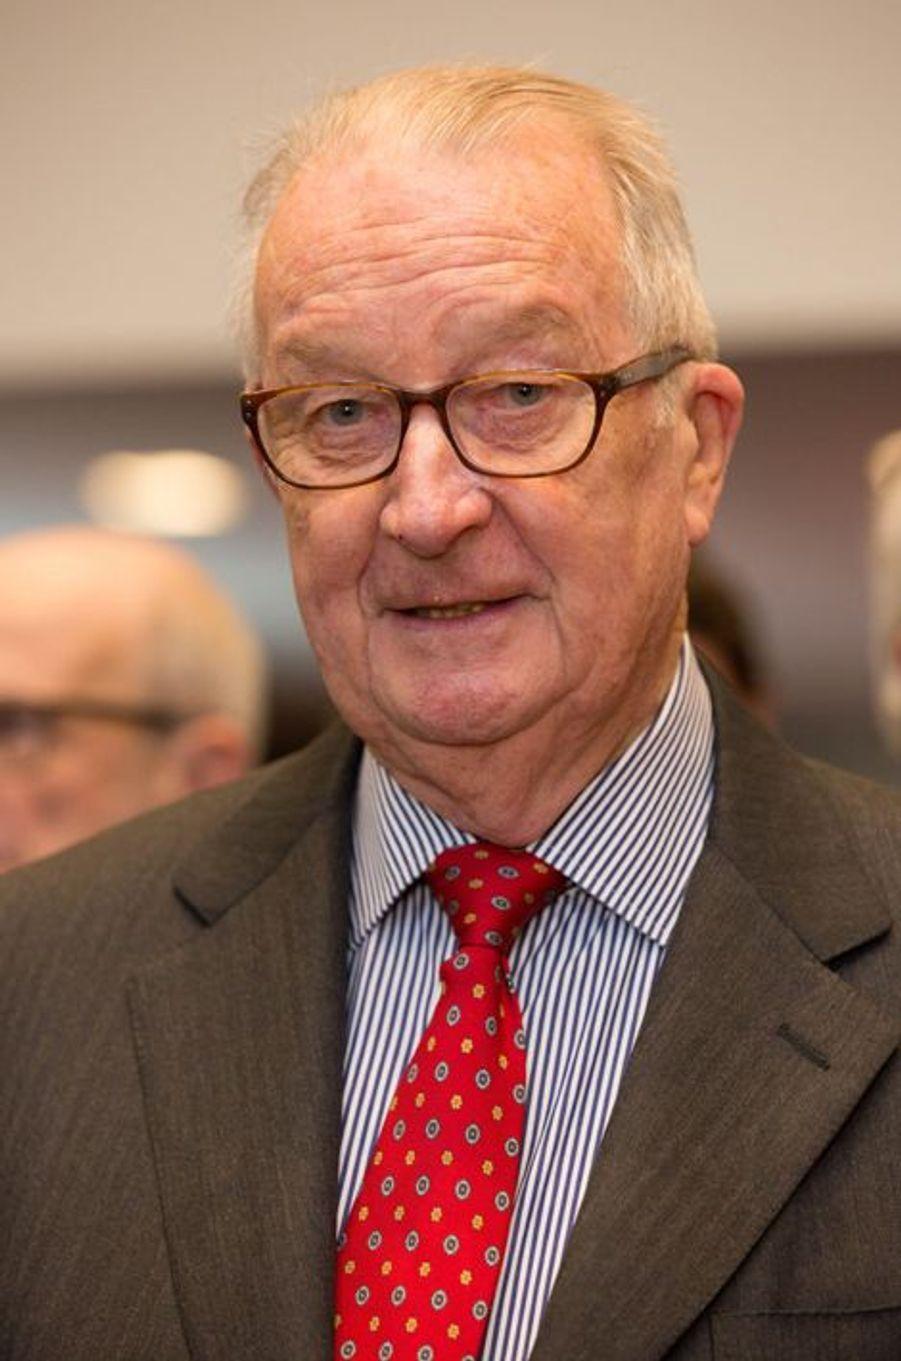 L'ex-roi des Belges Albert II à Bruxelles, le 2 avril 2015